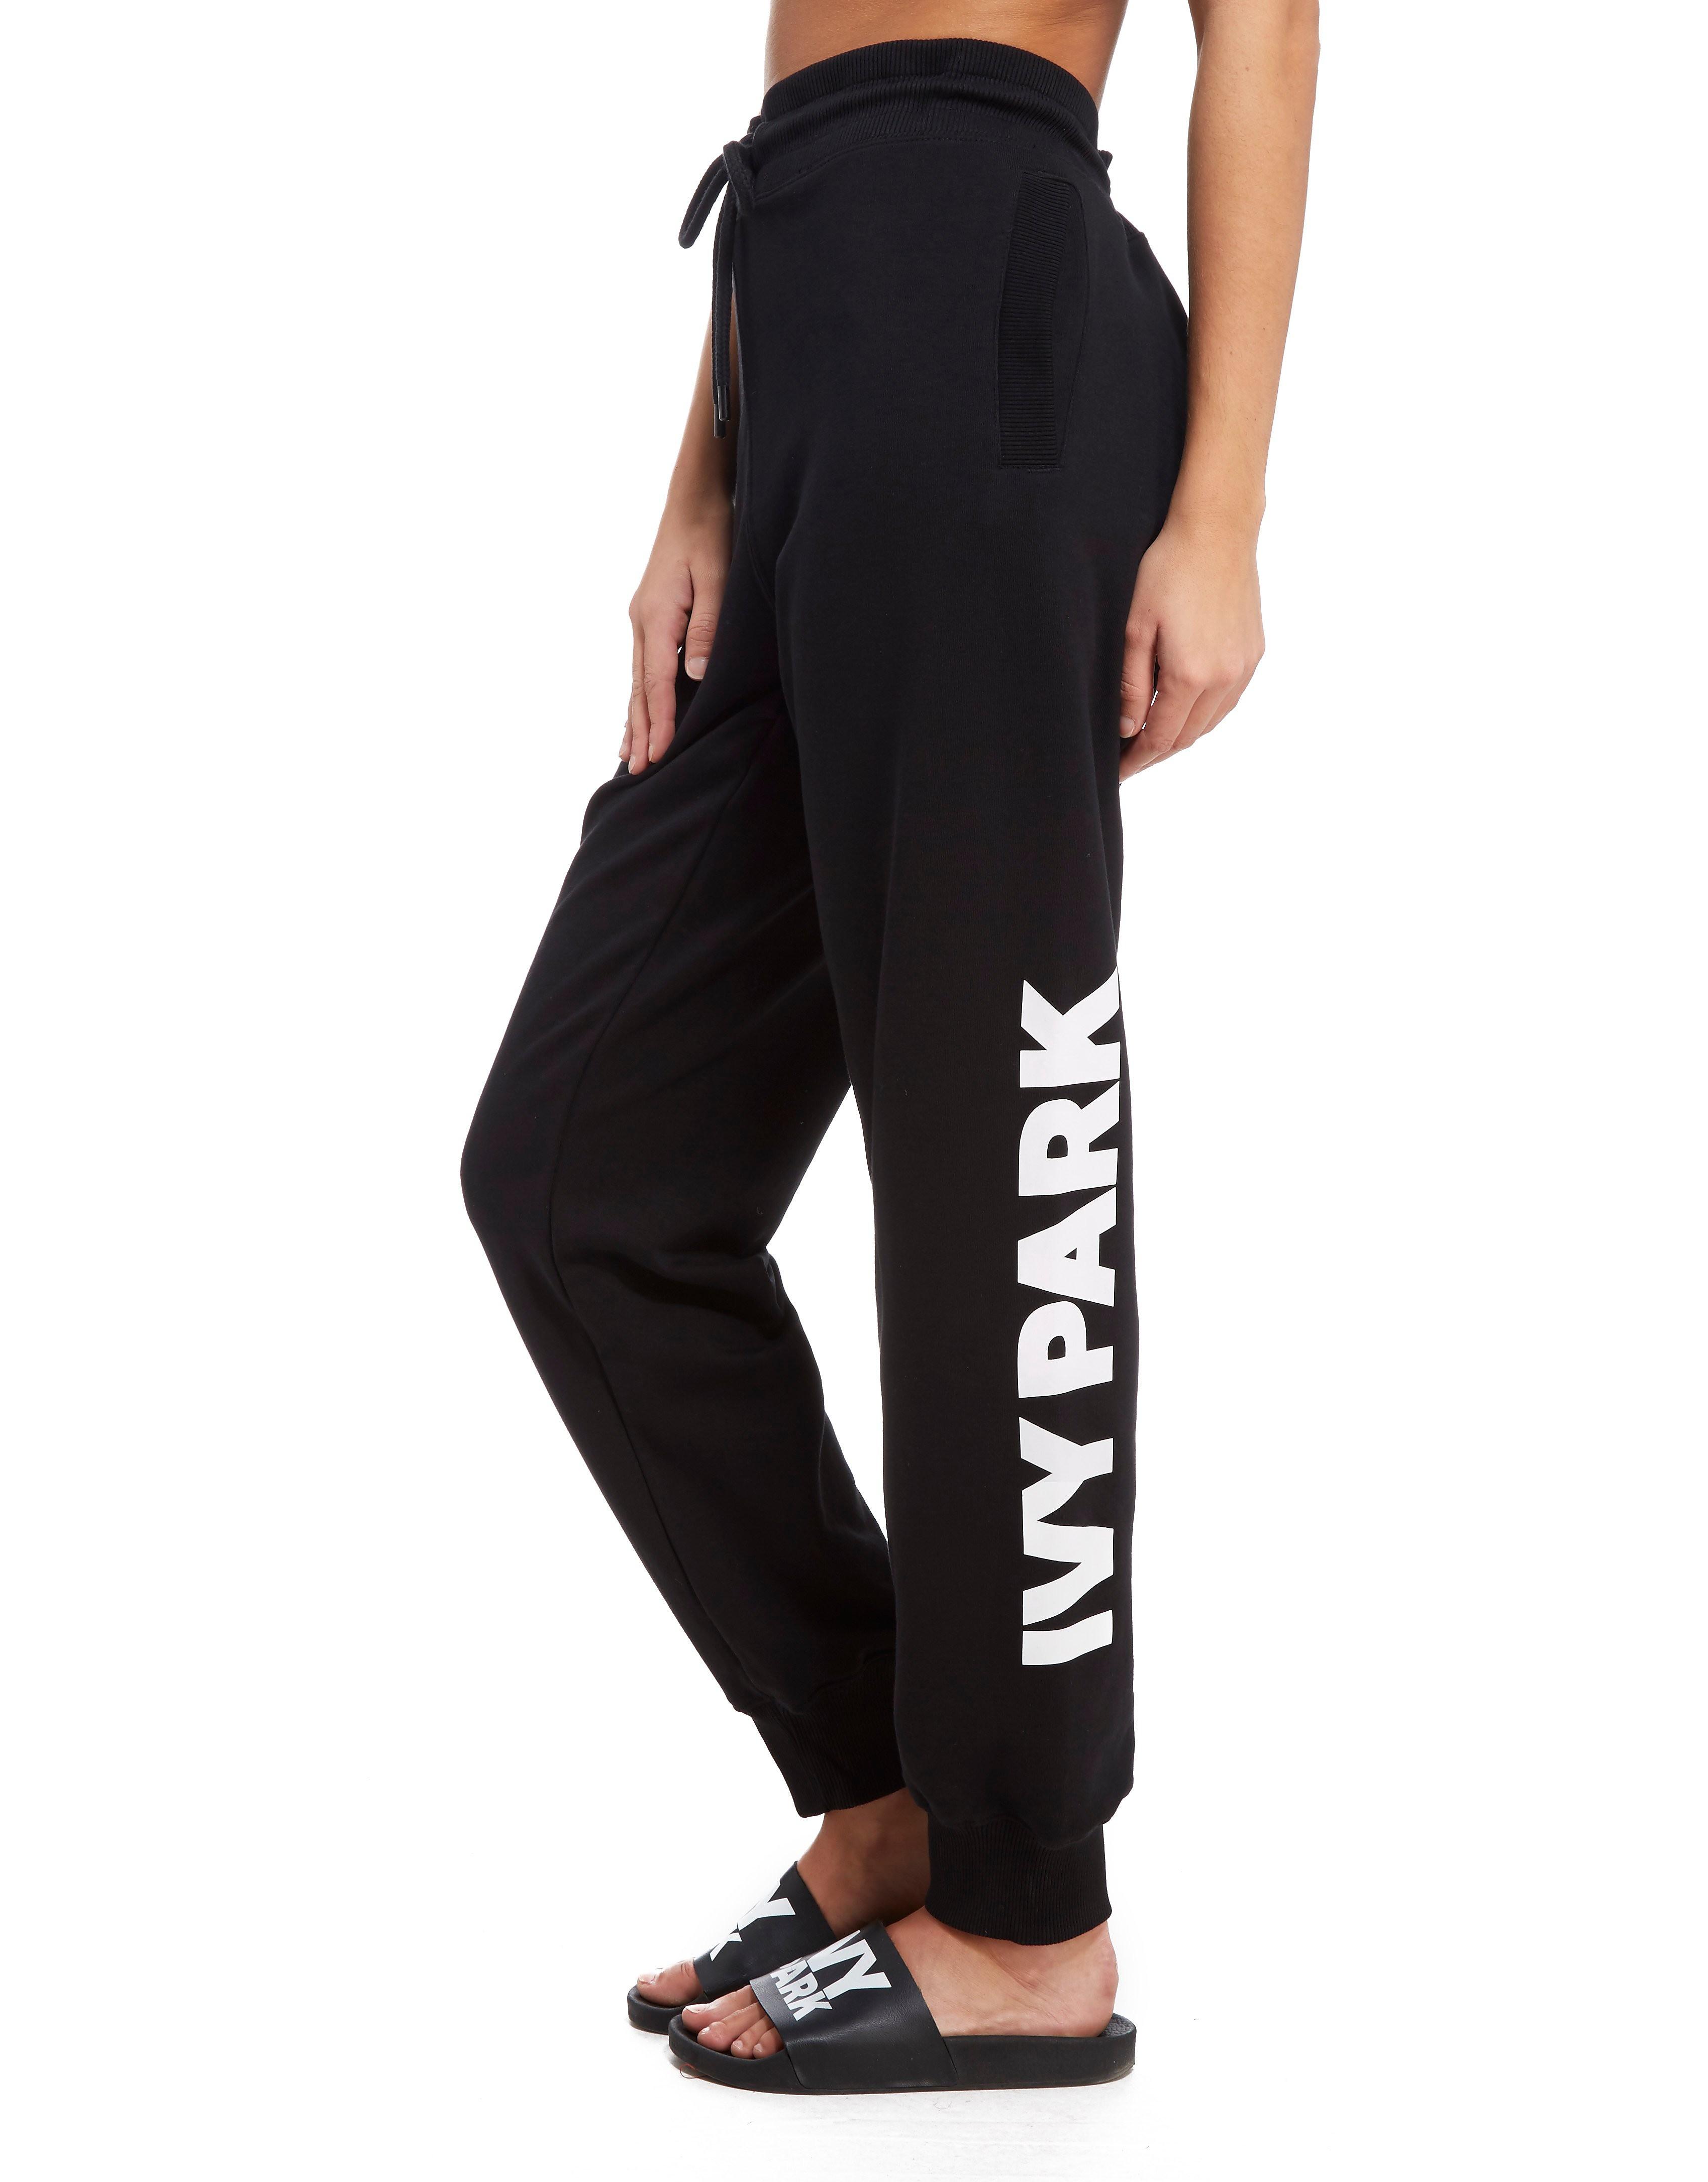 IVY PARK Logo Pants